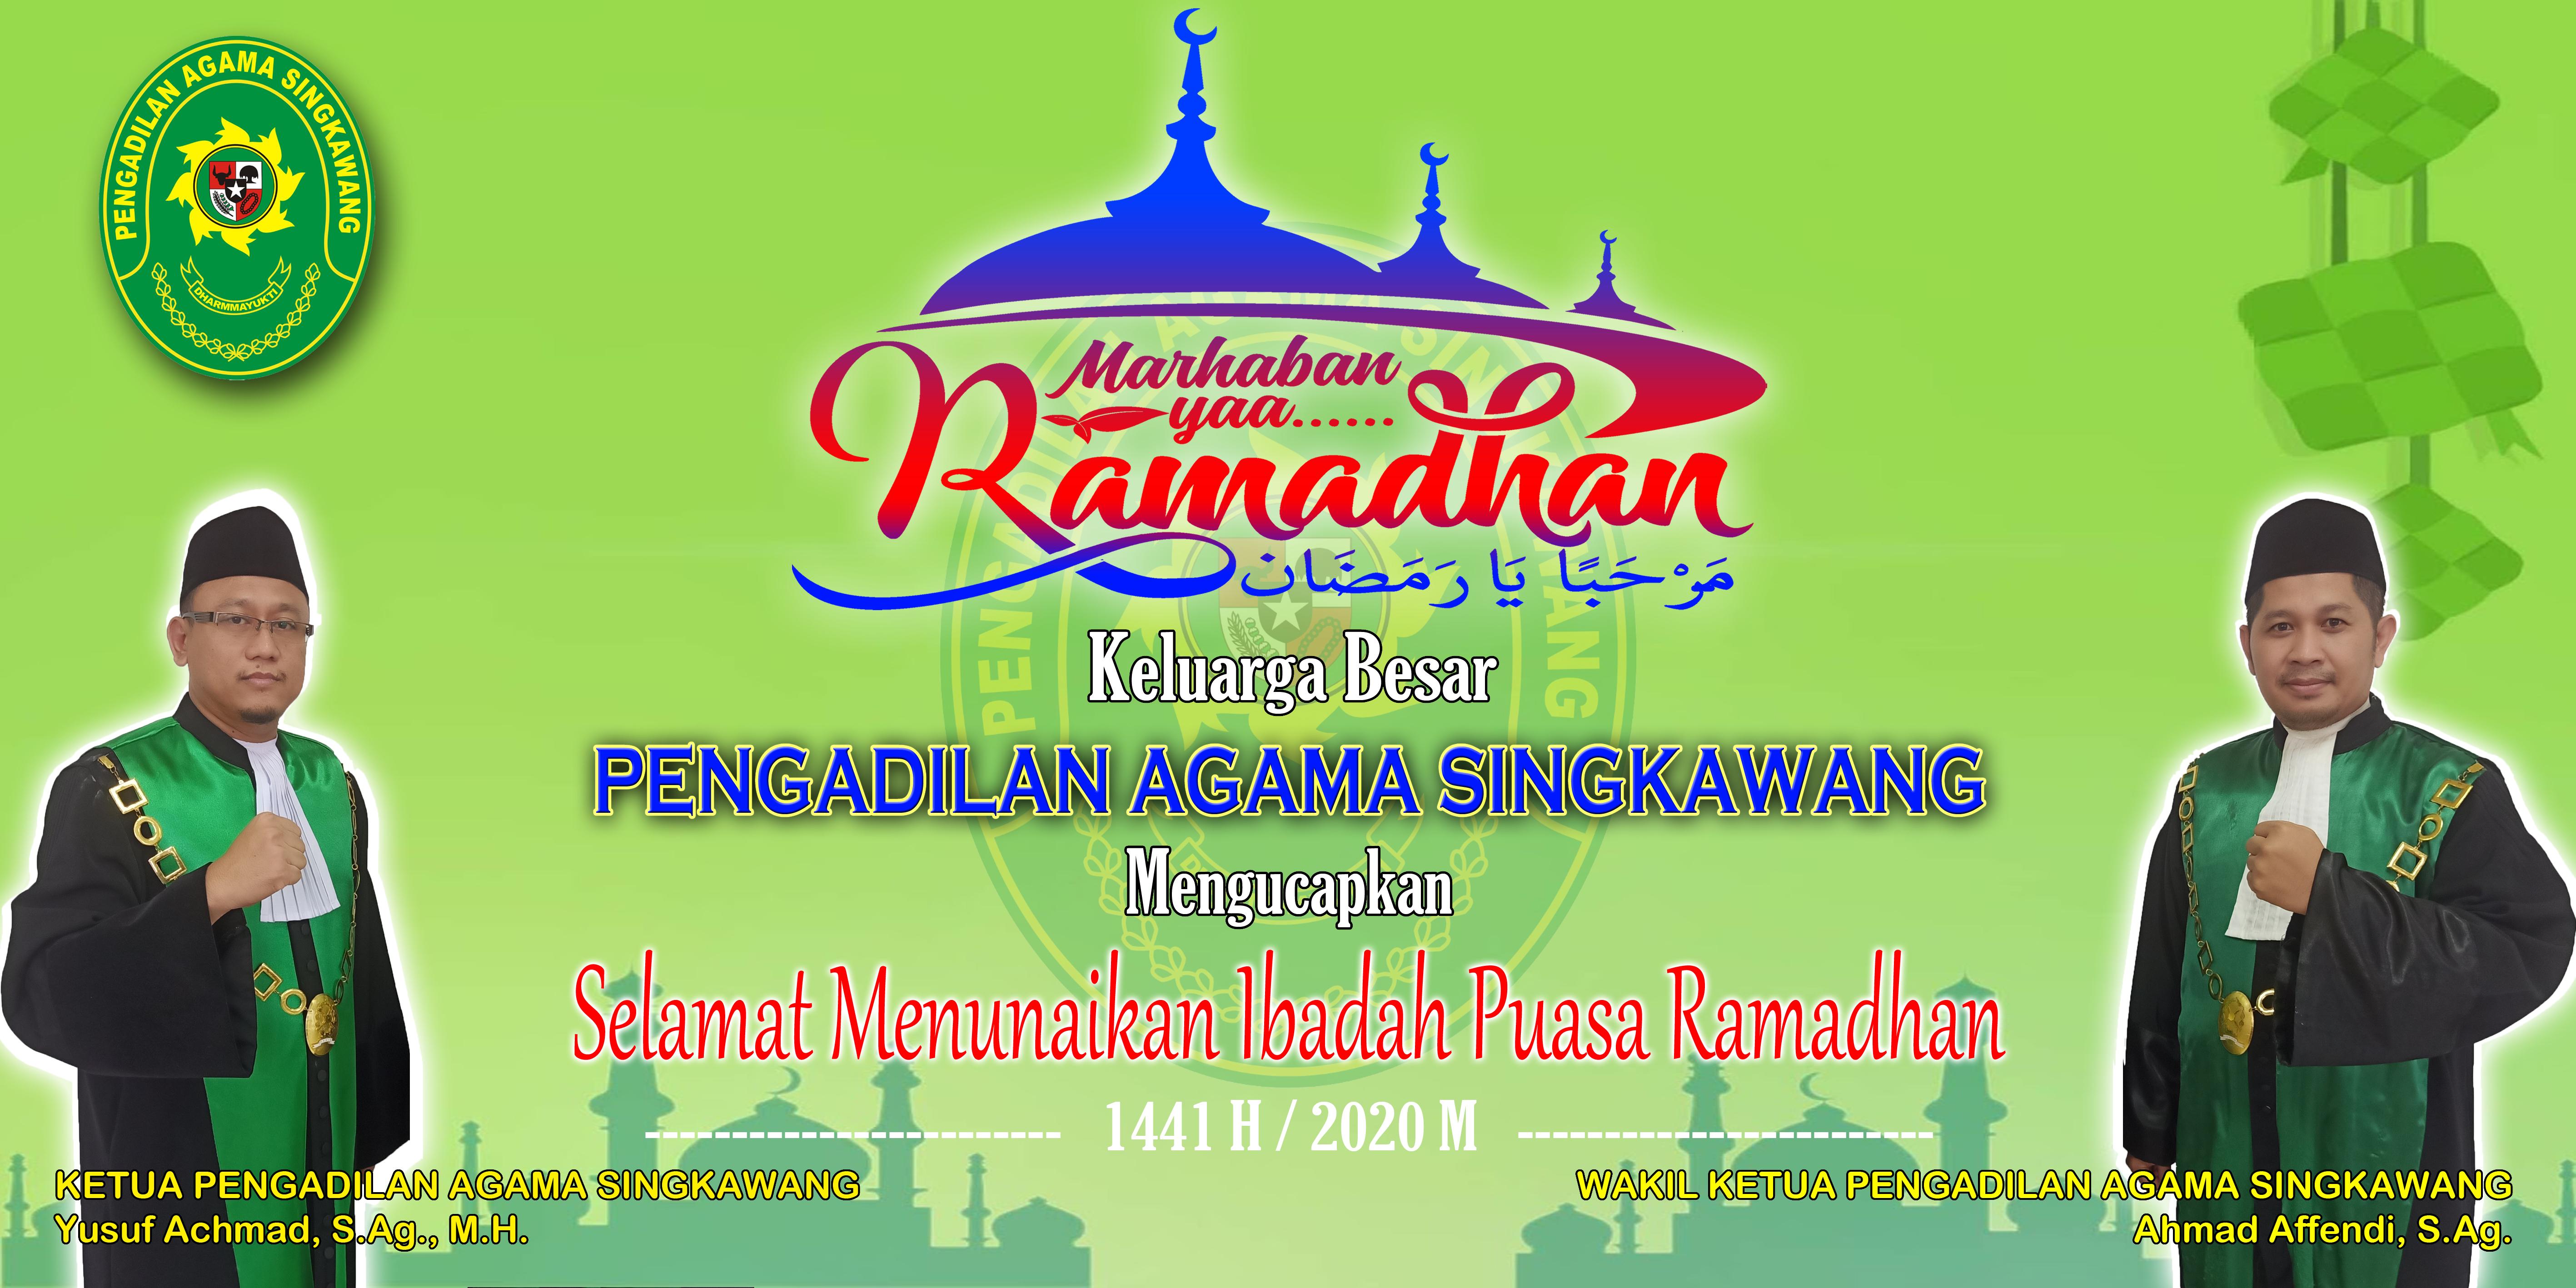 PENGADILAN AGAMA SINGKAWANG Mengucapkan Selamat Menunaikan Ibadah Puasa Ramadhan